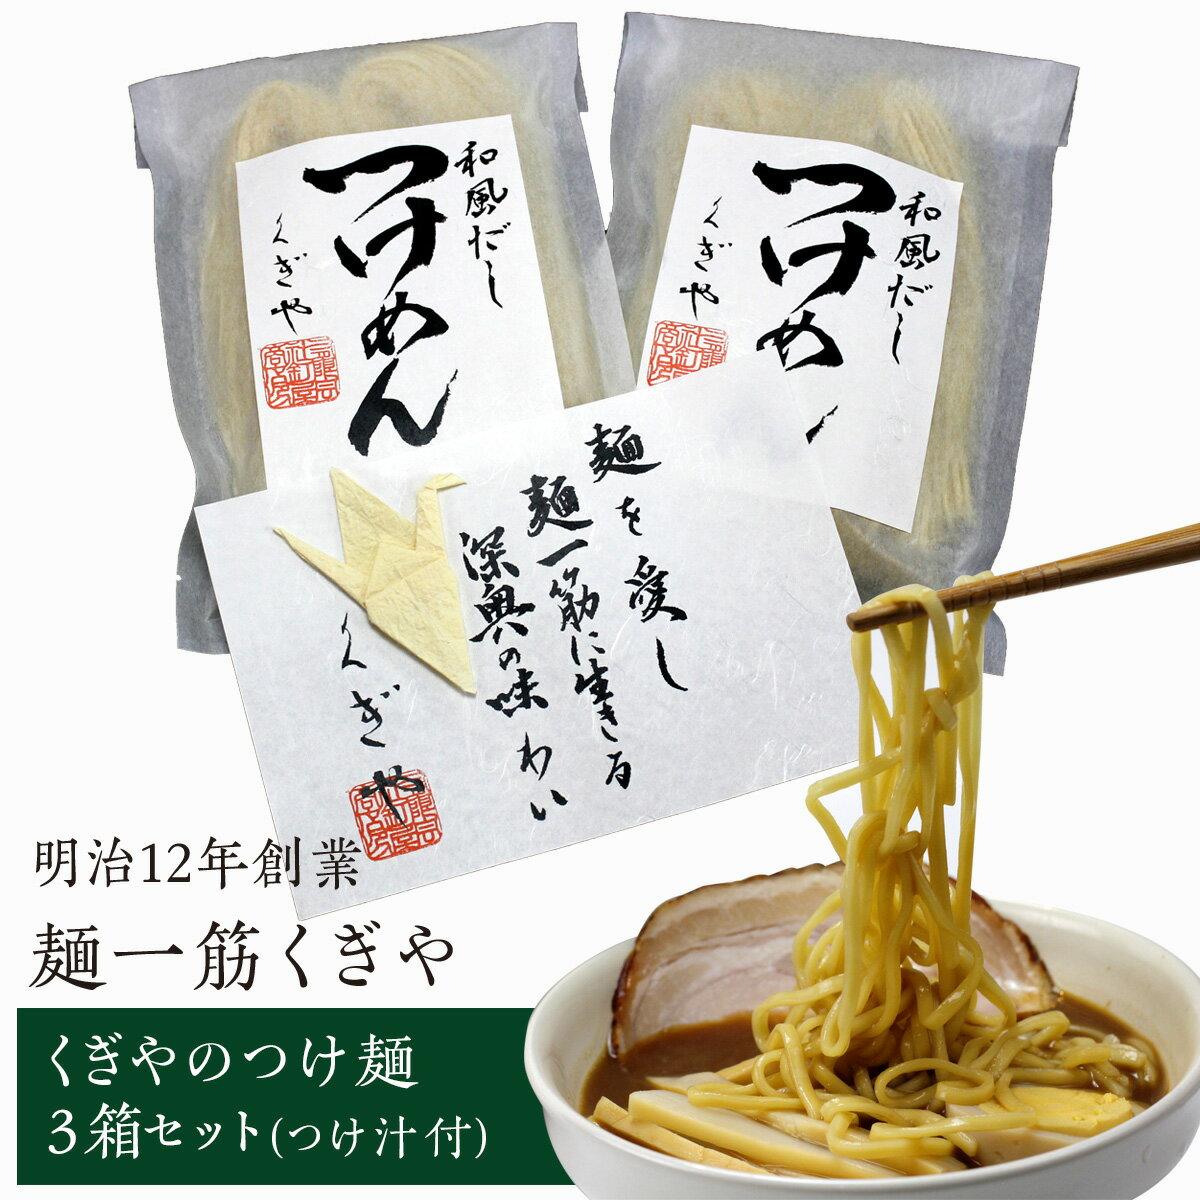 【ふるさと納税】 FT18-003 【麺一筋くぎや】 くぎやのつけ麺3箱セット(つけ汁付)